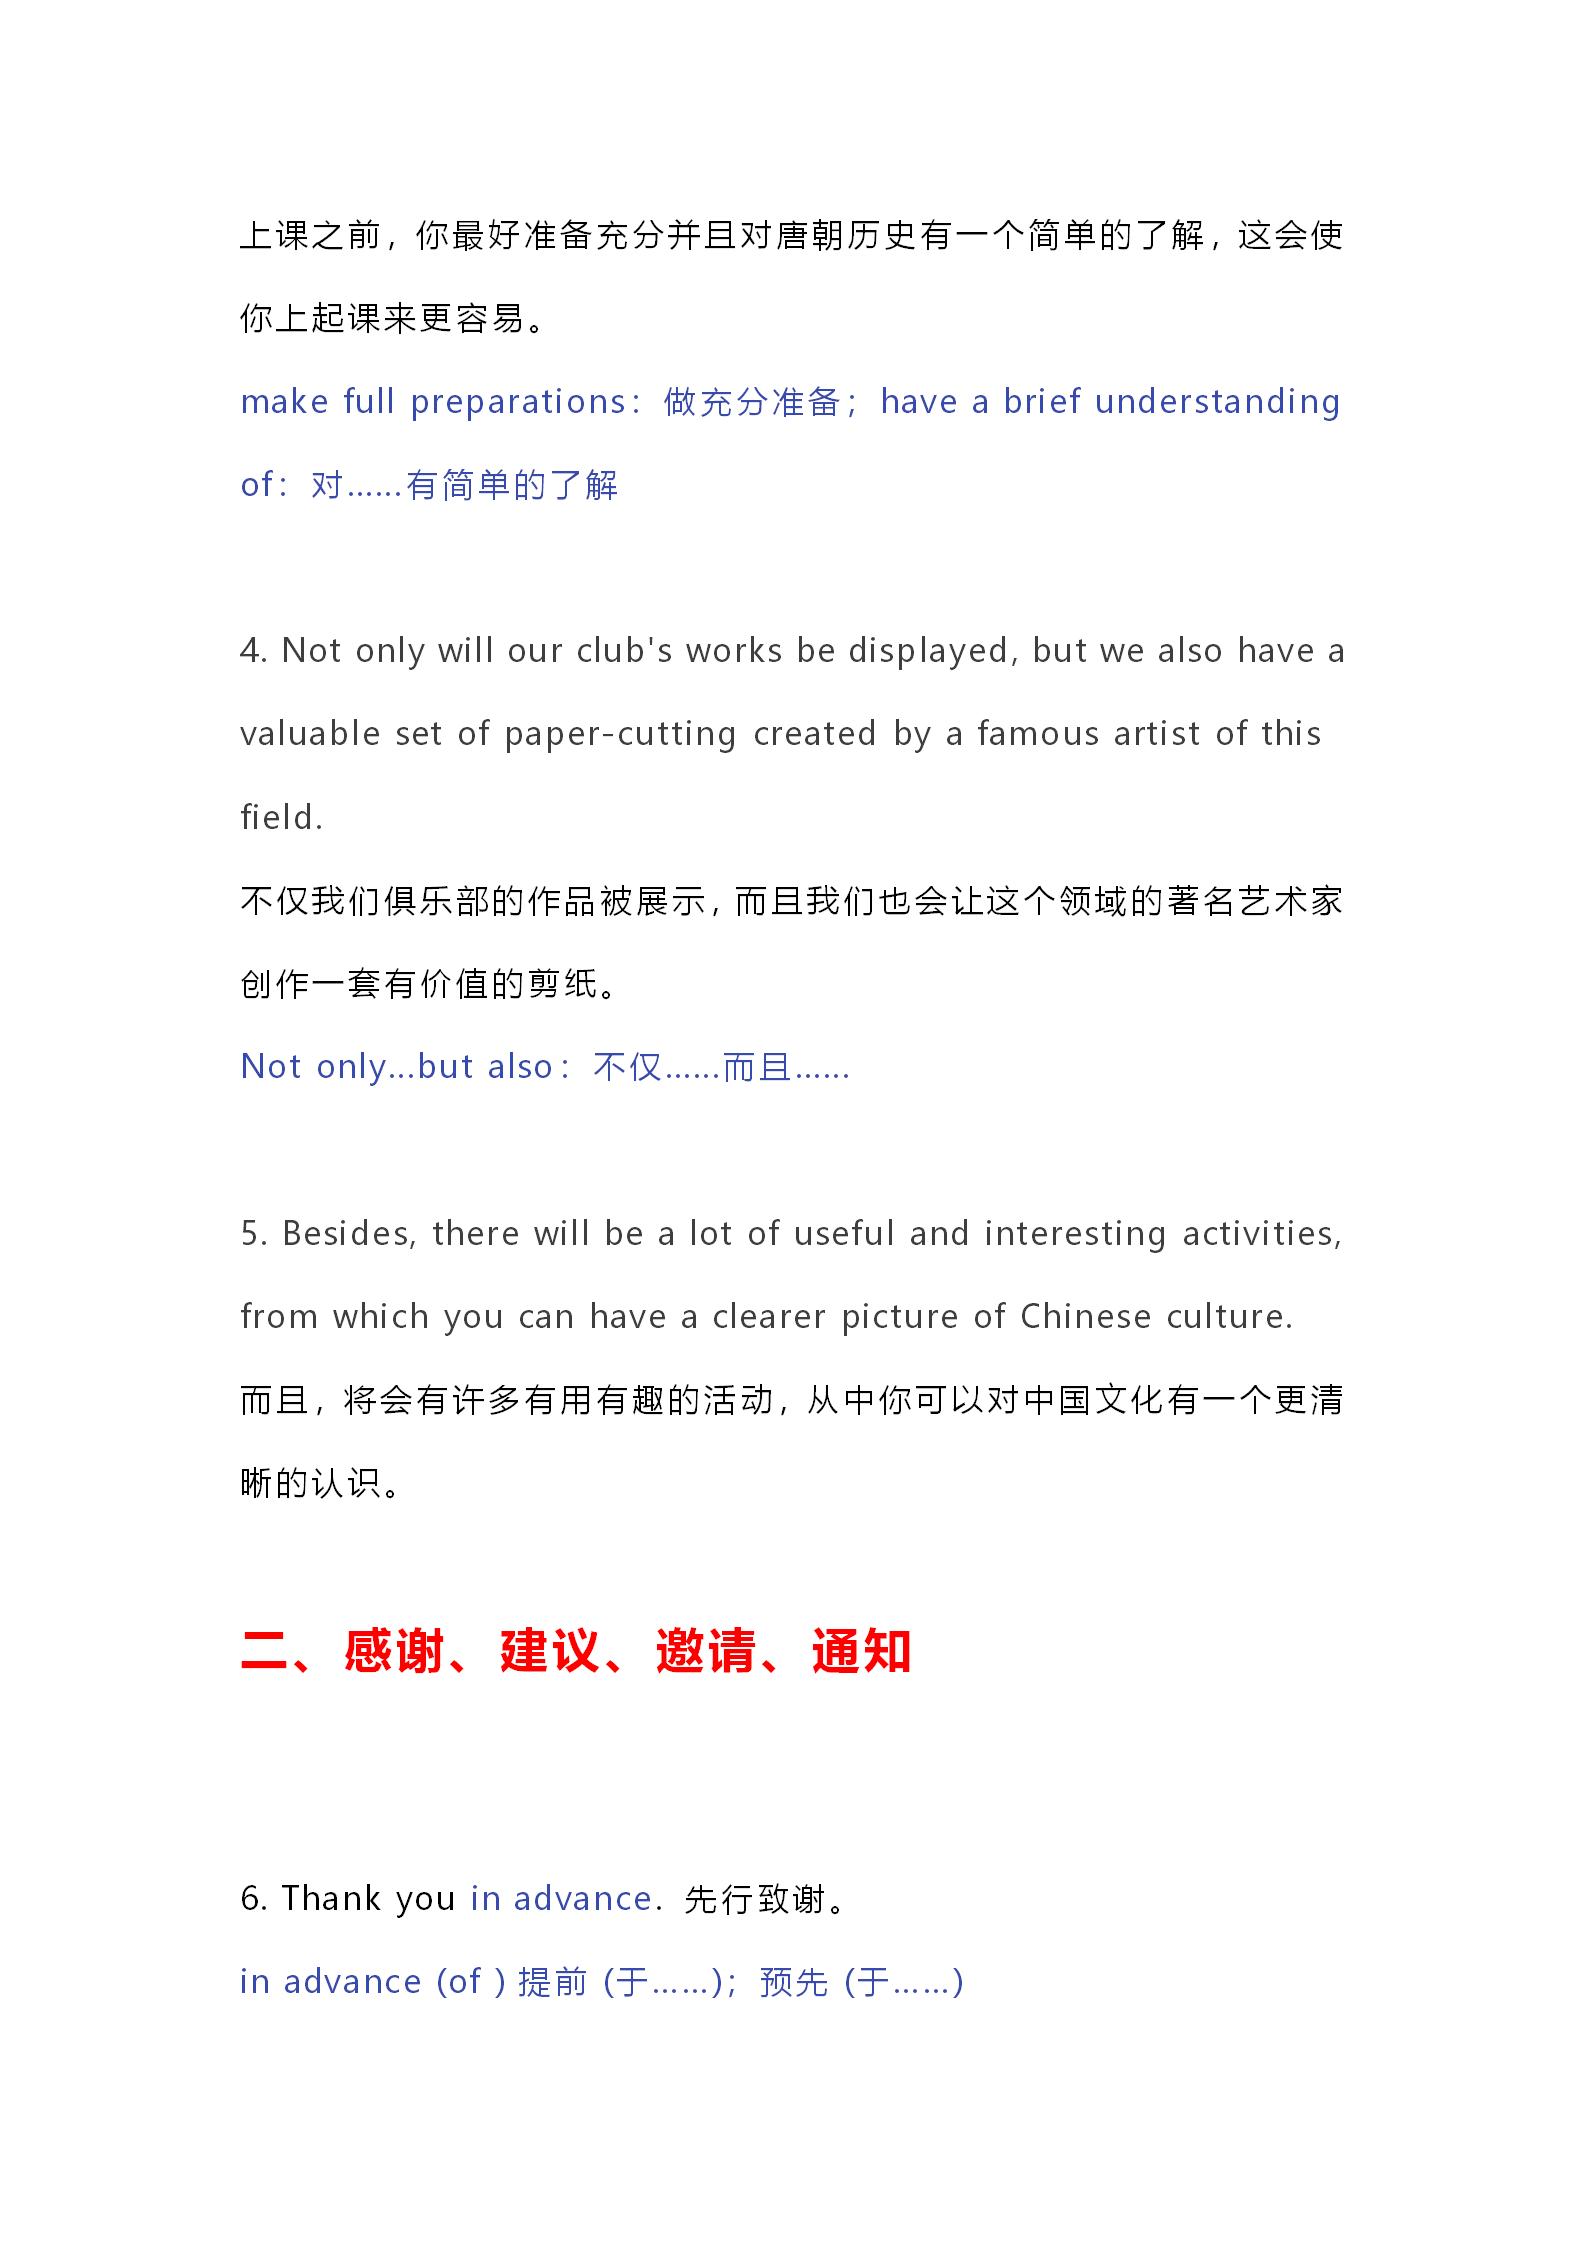 100个高考英语作文金句_02.png